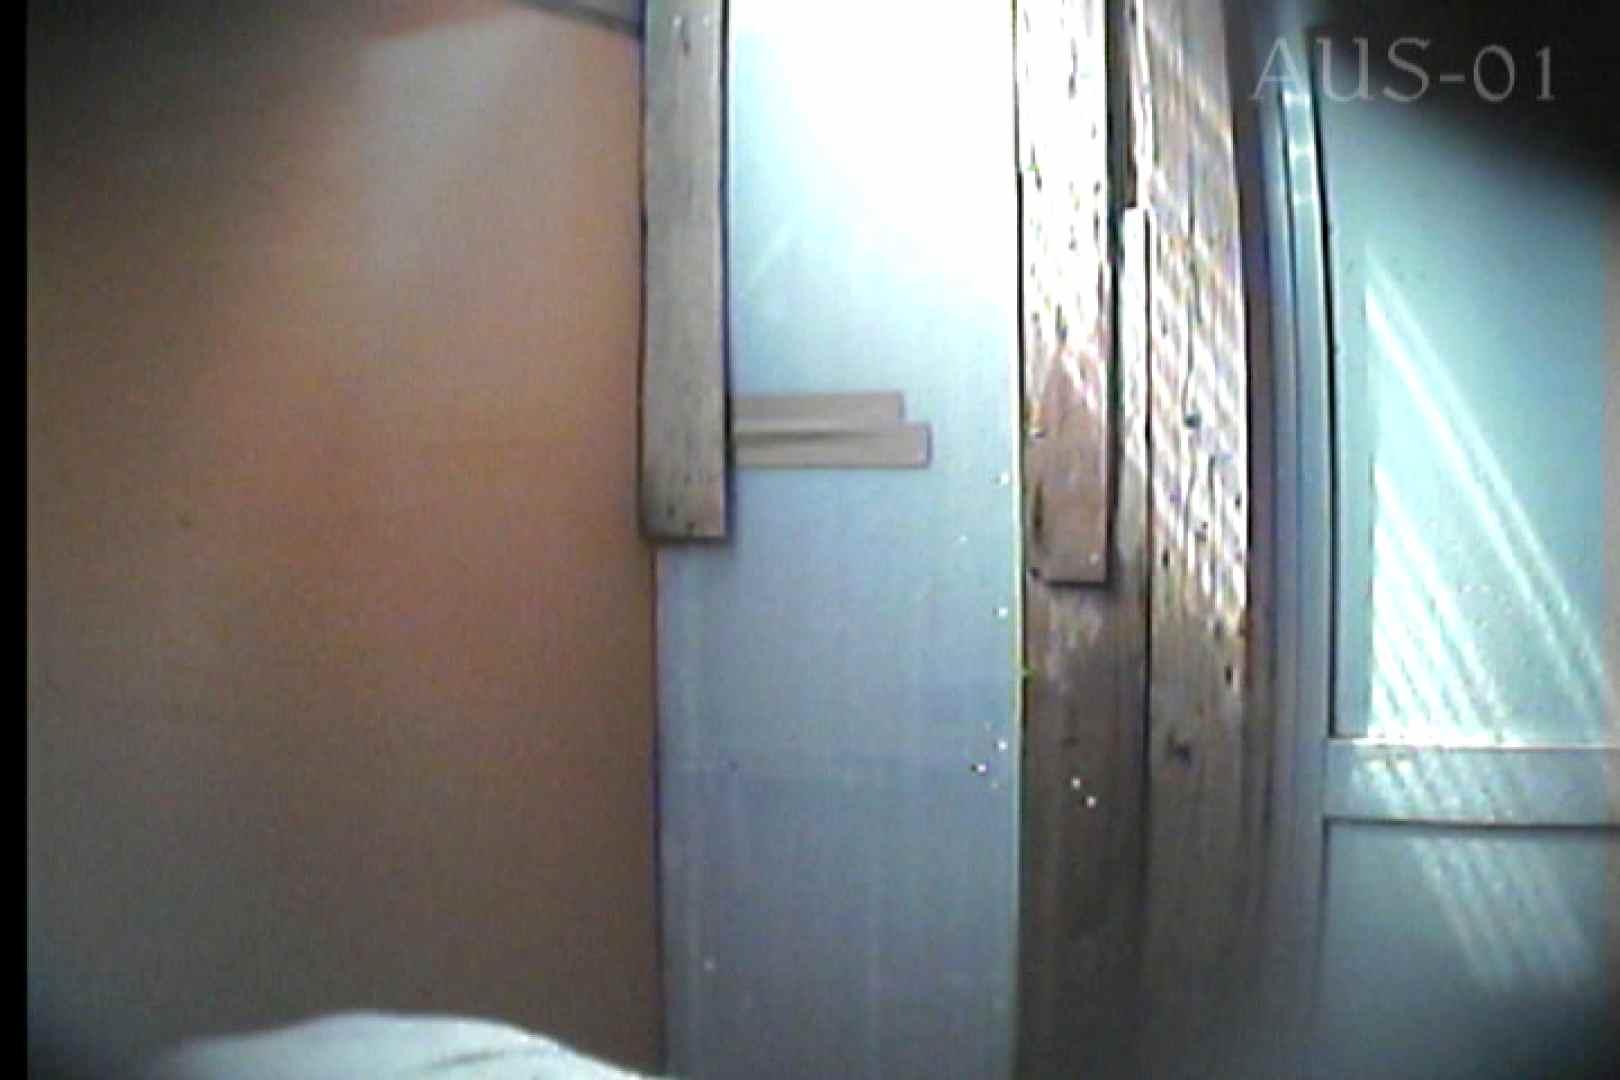 海の家の更衣室 Vol.03 エッチなOL 隠し撮りオマンコ動画紹介 93枚 59